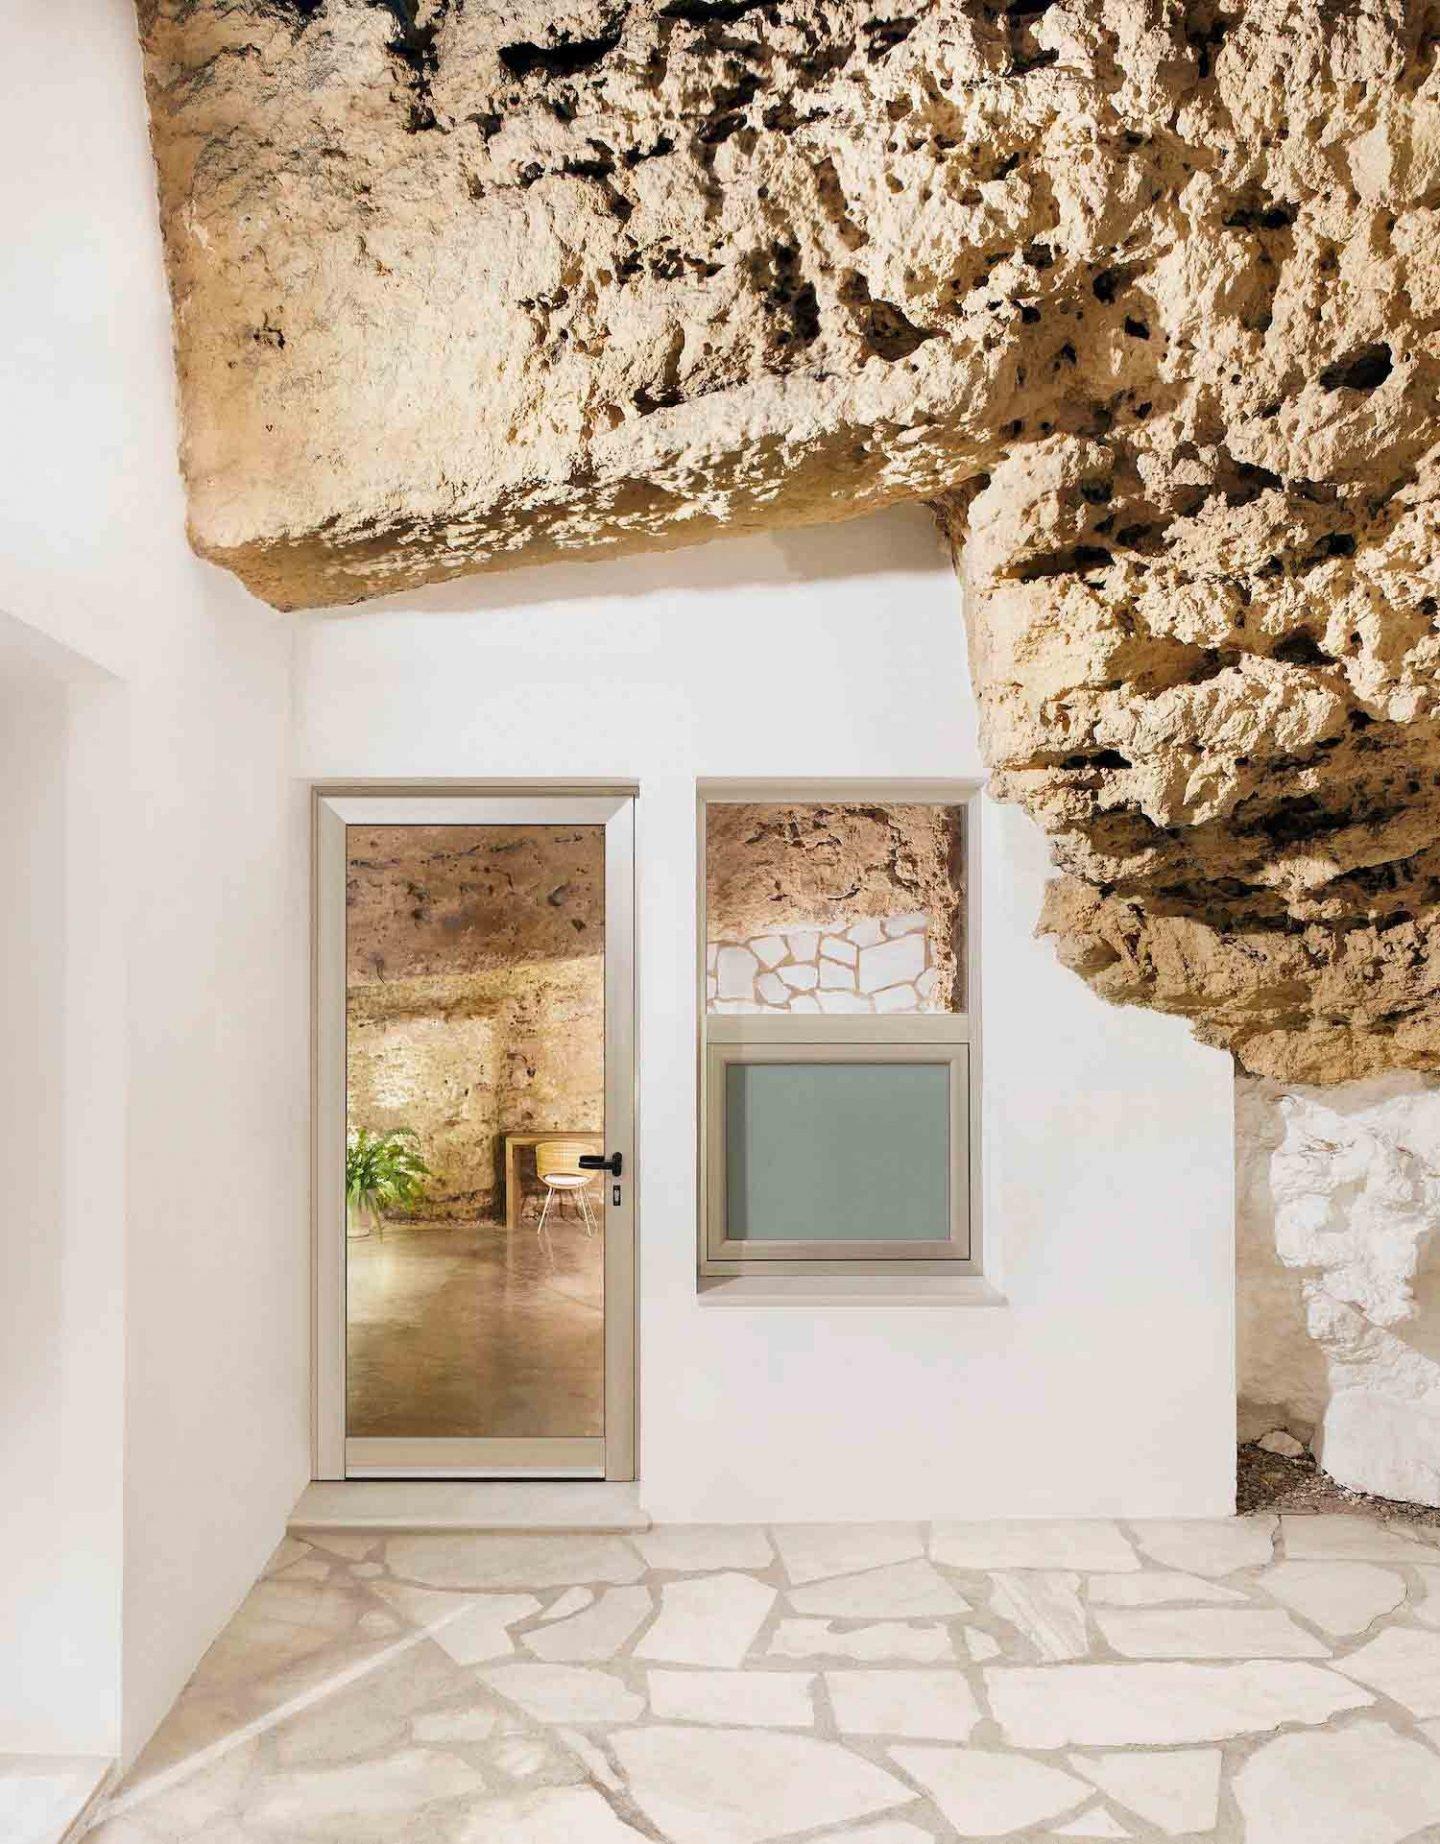 Architecture_CasaTierra_UMMOEstudio_18